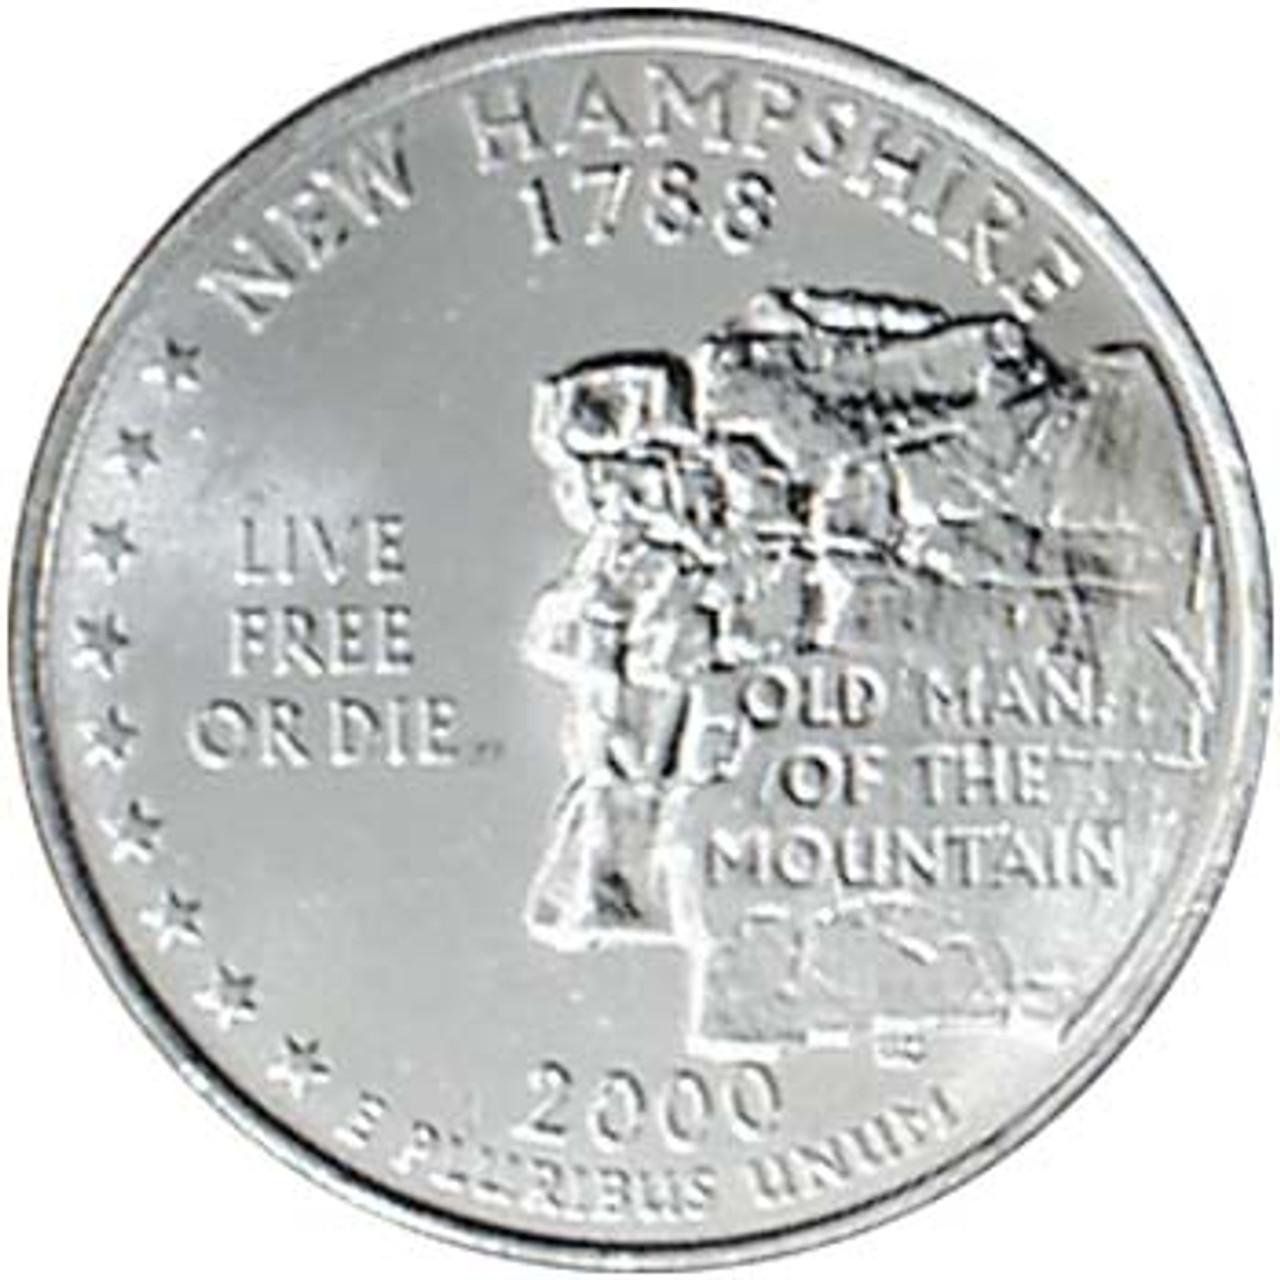 2000-D New Hampshire Quarter Brilliant Uncirculated Image 1